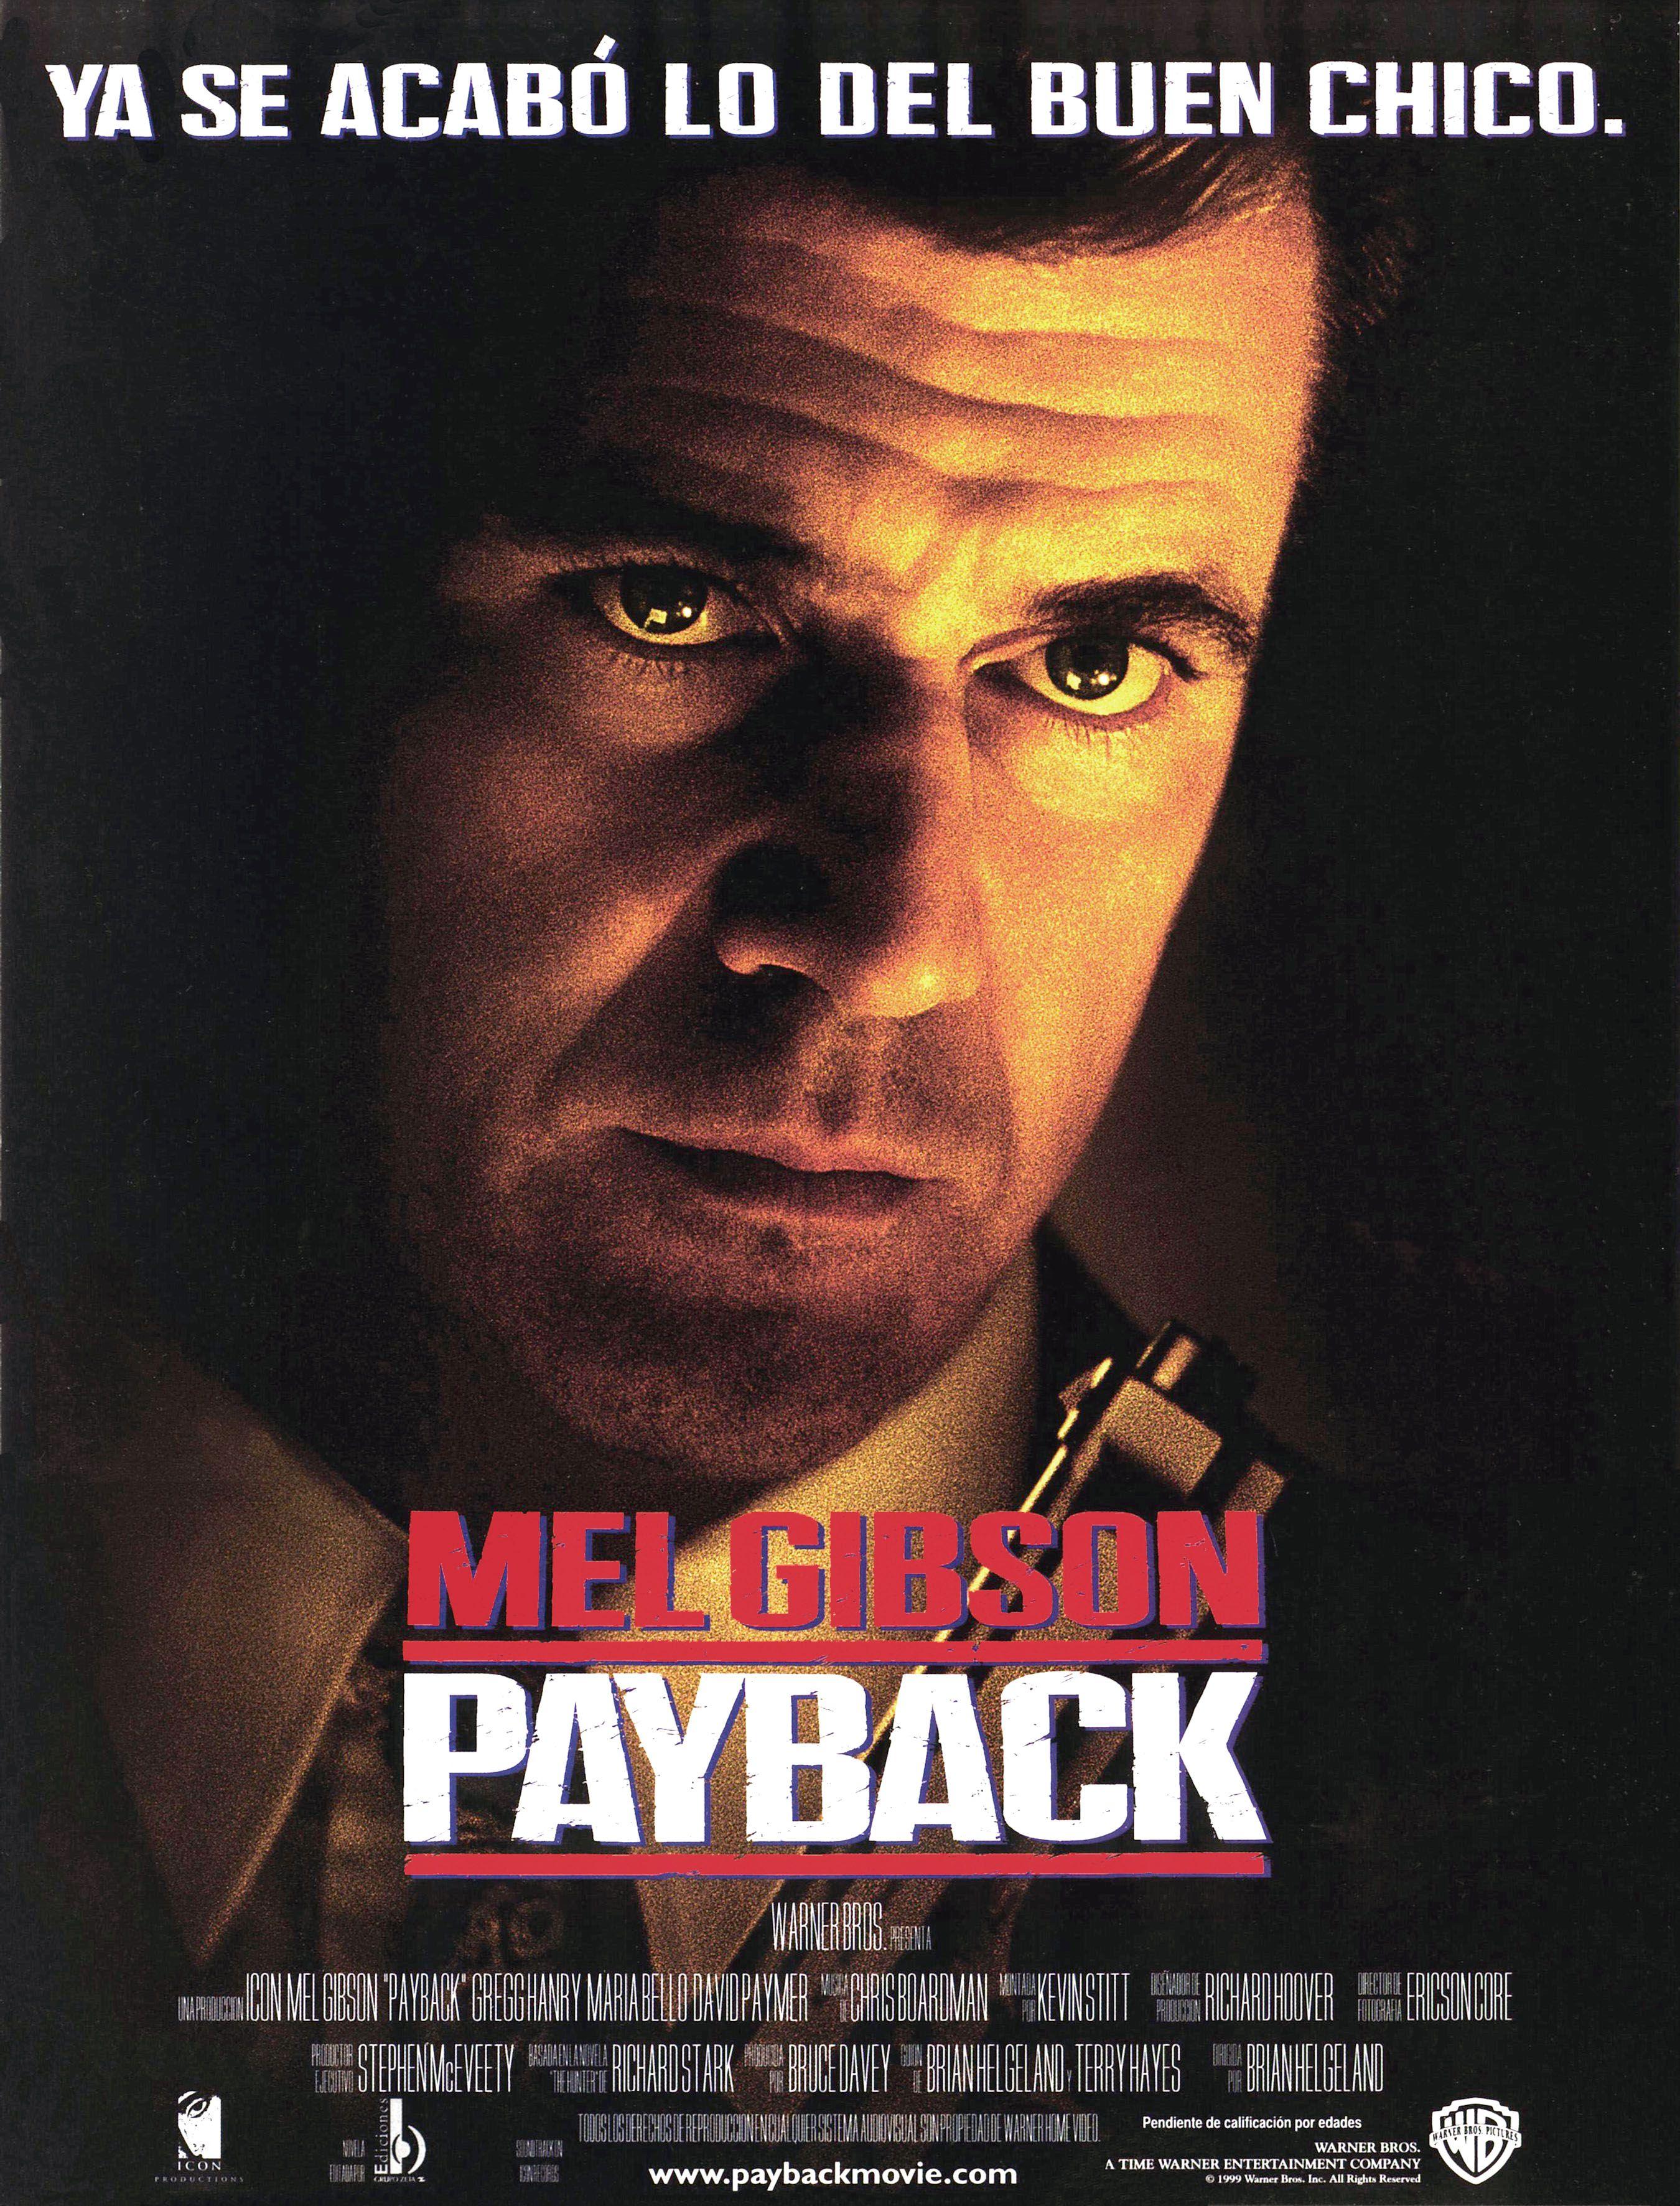 Payback Peliculas De Accion Mel Gibson Peliculas